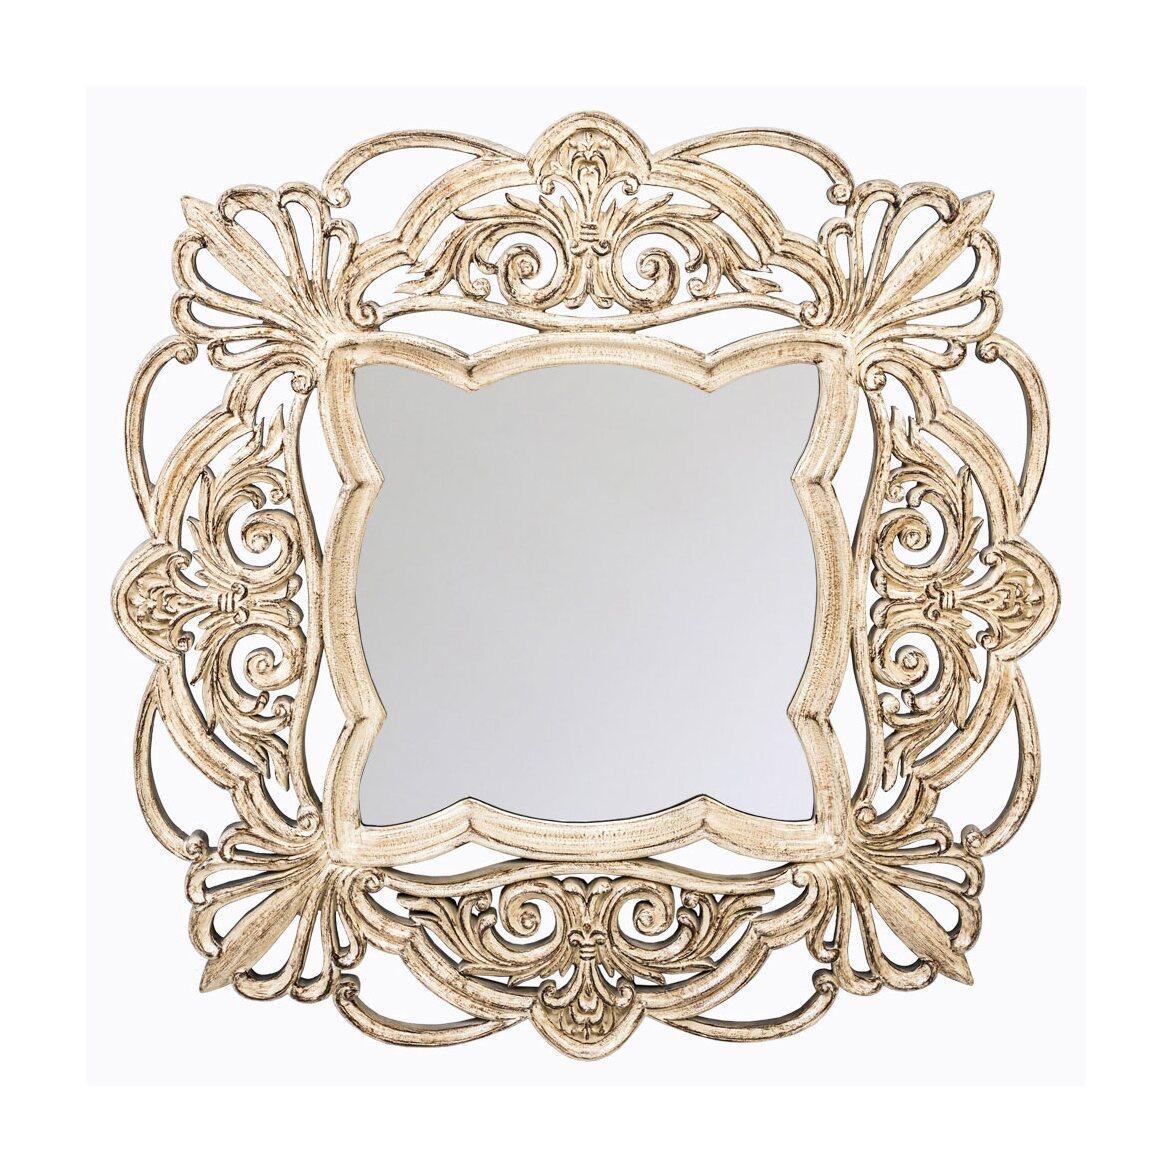 Настенное зеркало «Шамони» | Настенные зеркала Kingsby